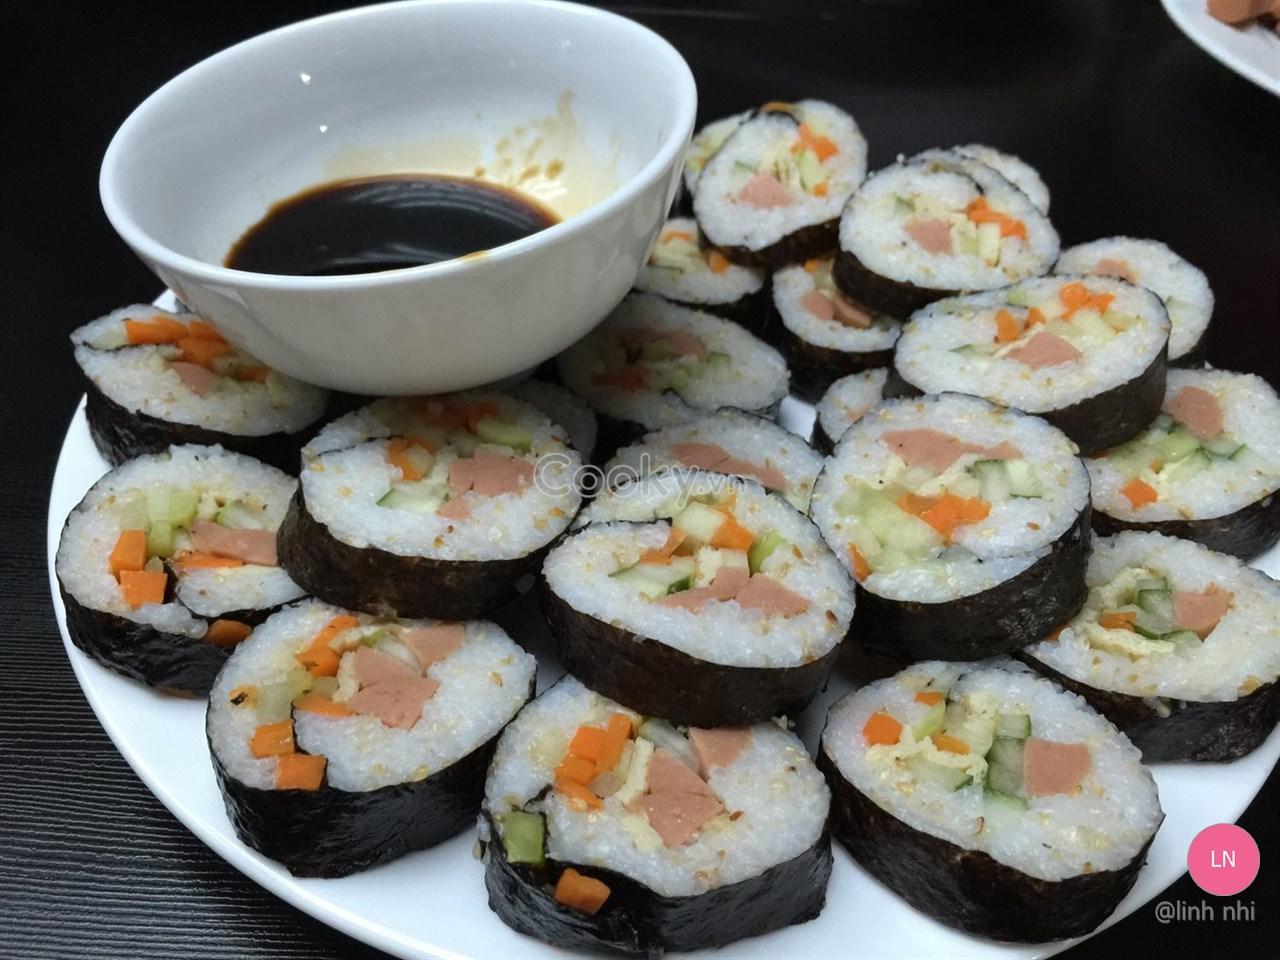 Cách Làm Cơm Cuộn Rong Biển đúng chuẩn Hàn Quốc - Ảnh 2.